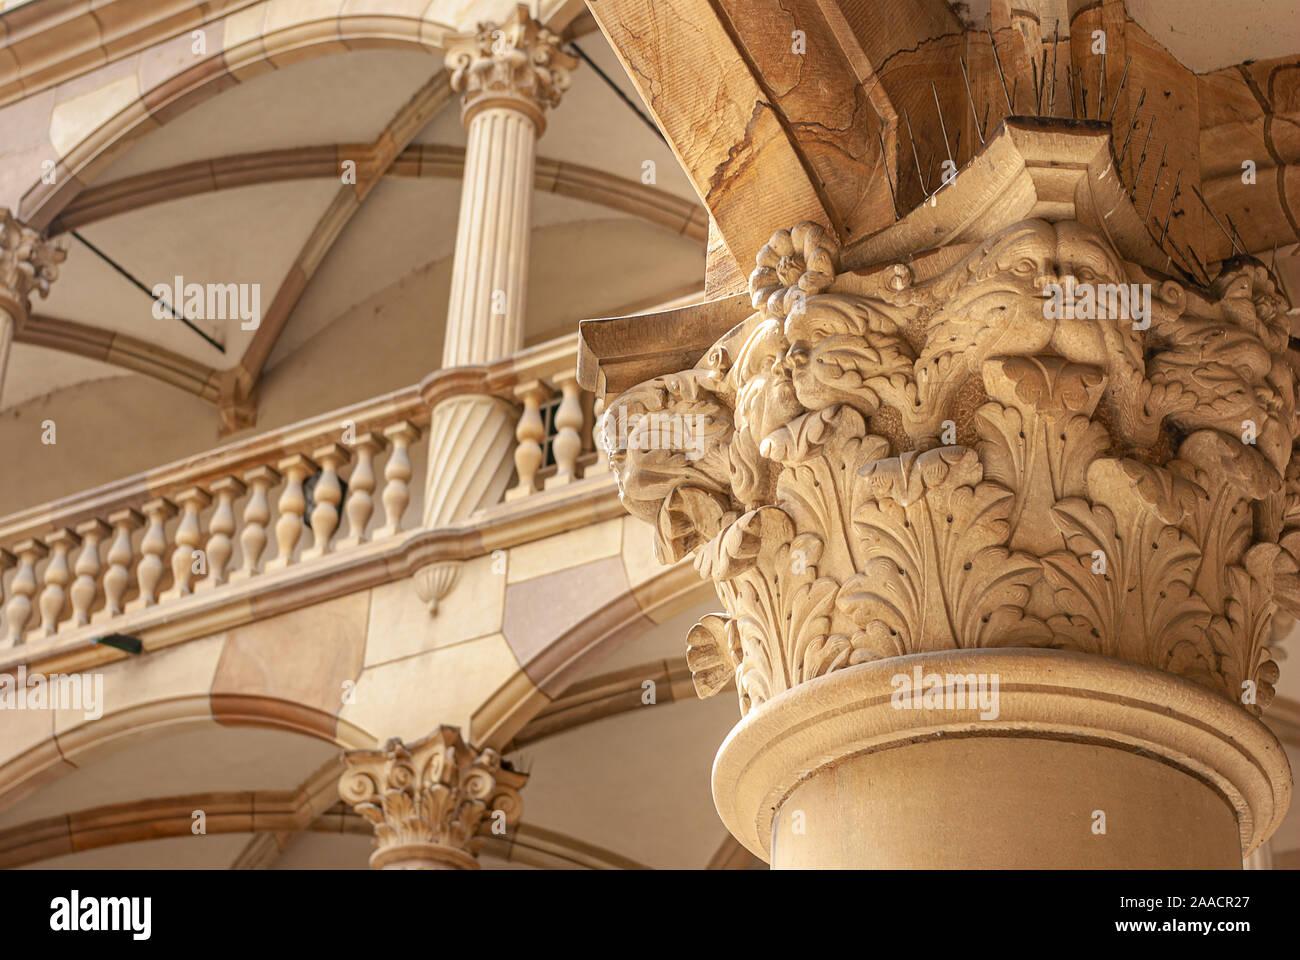 Stuttgart, Baden-Württemberg, Deutschland - Juni 6, 2009: Capital, Säulen und Arkaden im Innenhof des Alten Schlosses (Altes Schloss) in Stuttgart. Stockfoto